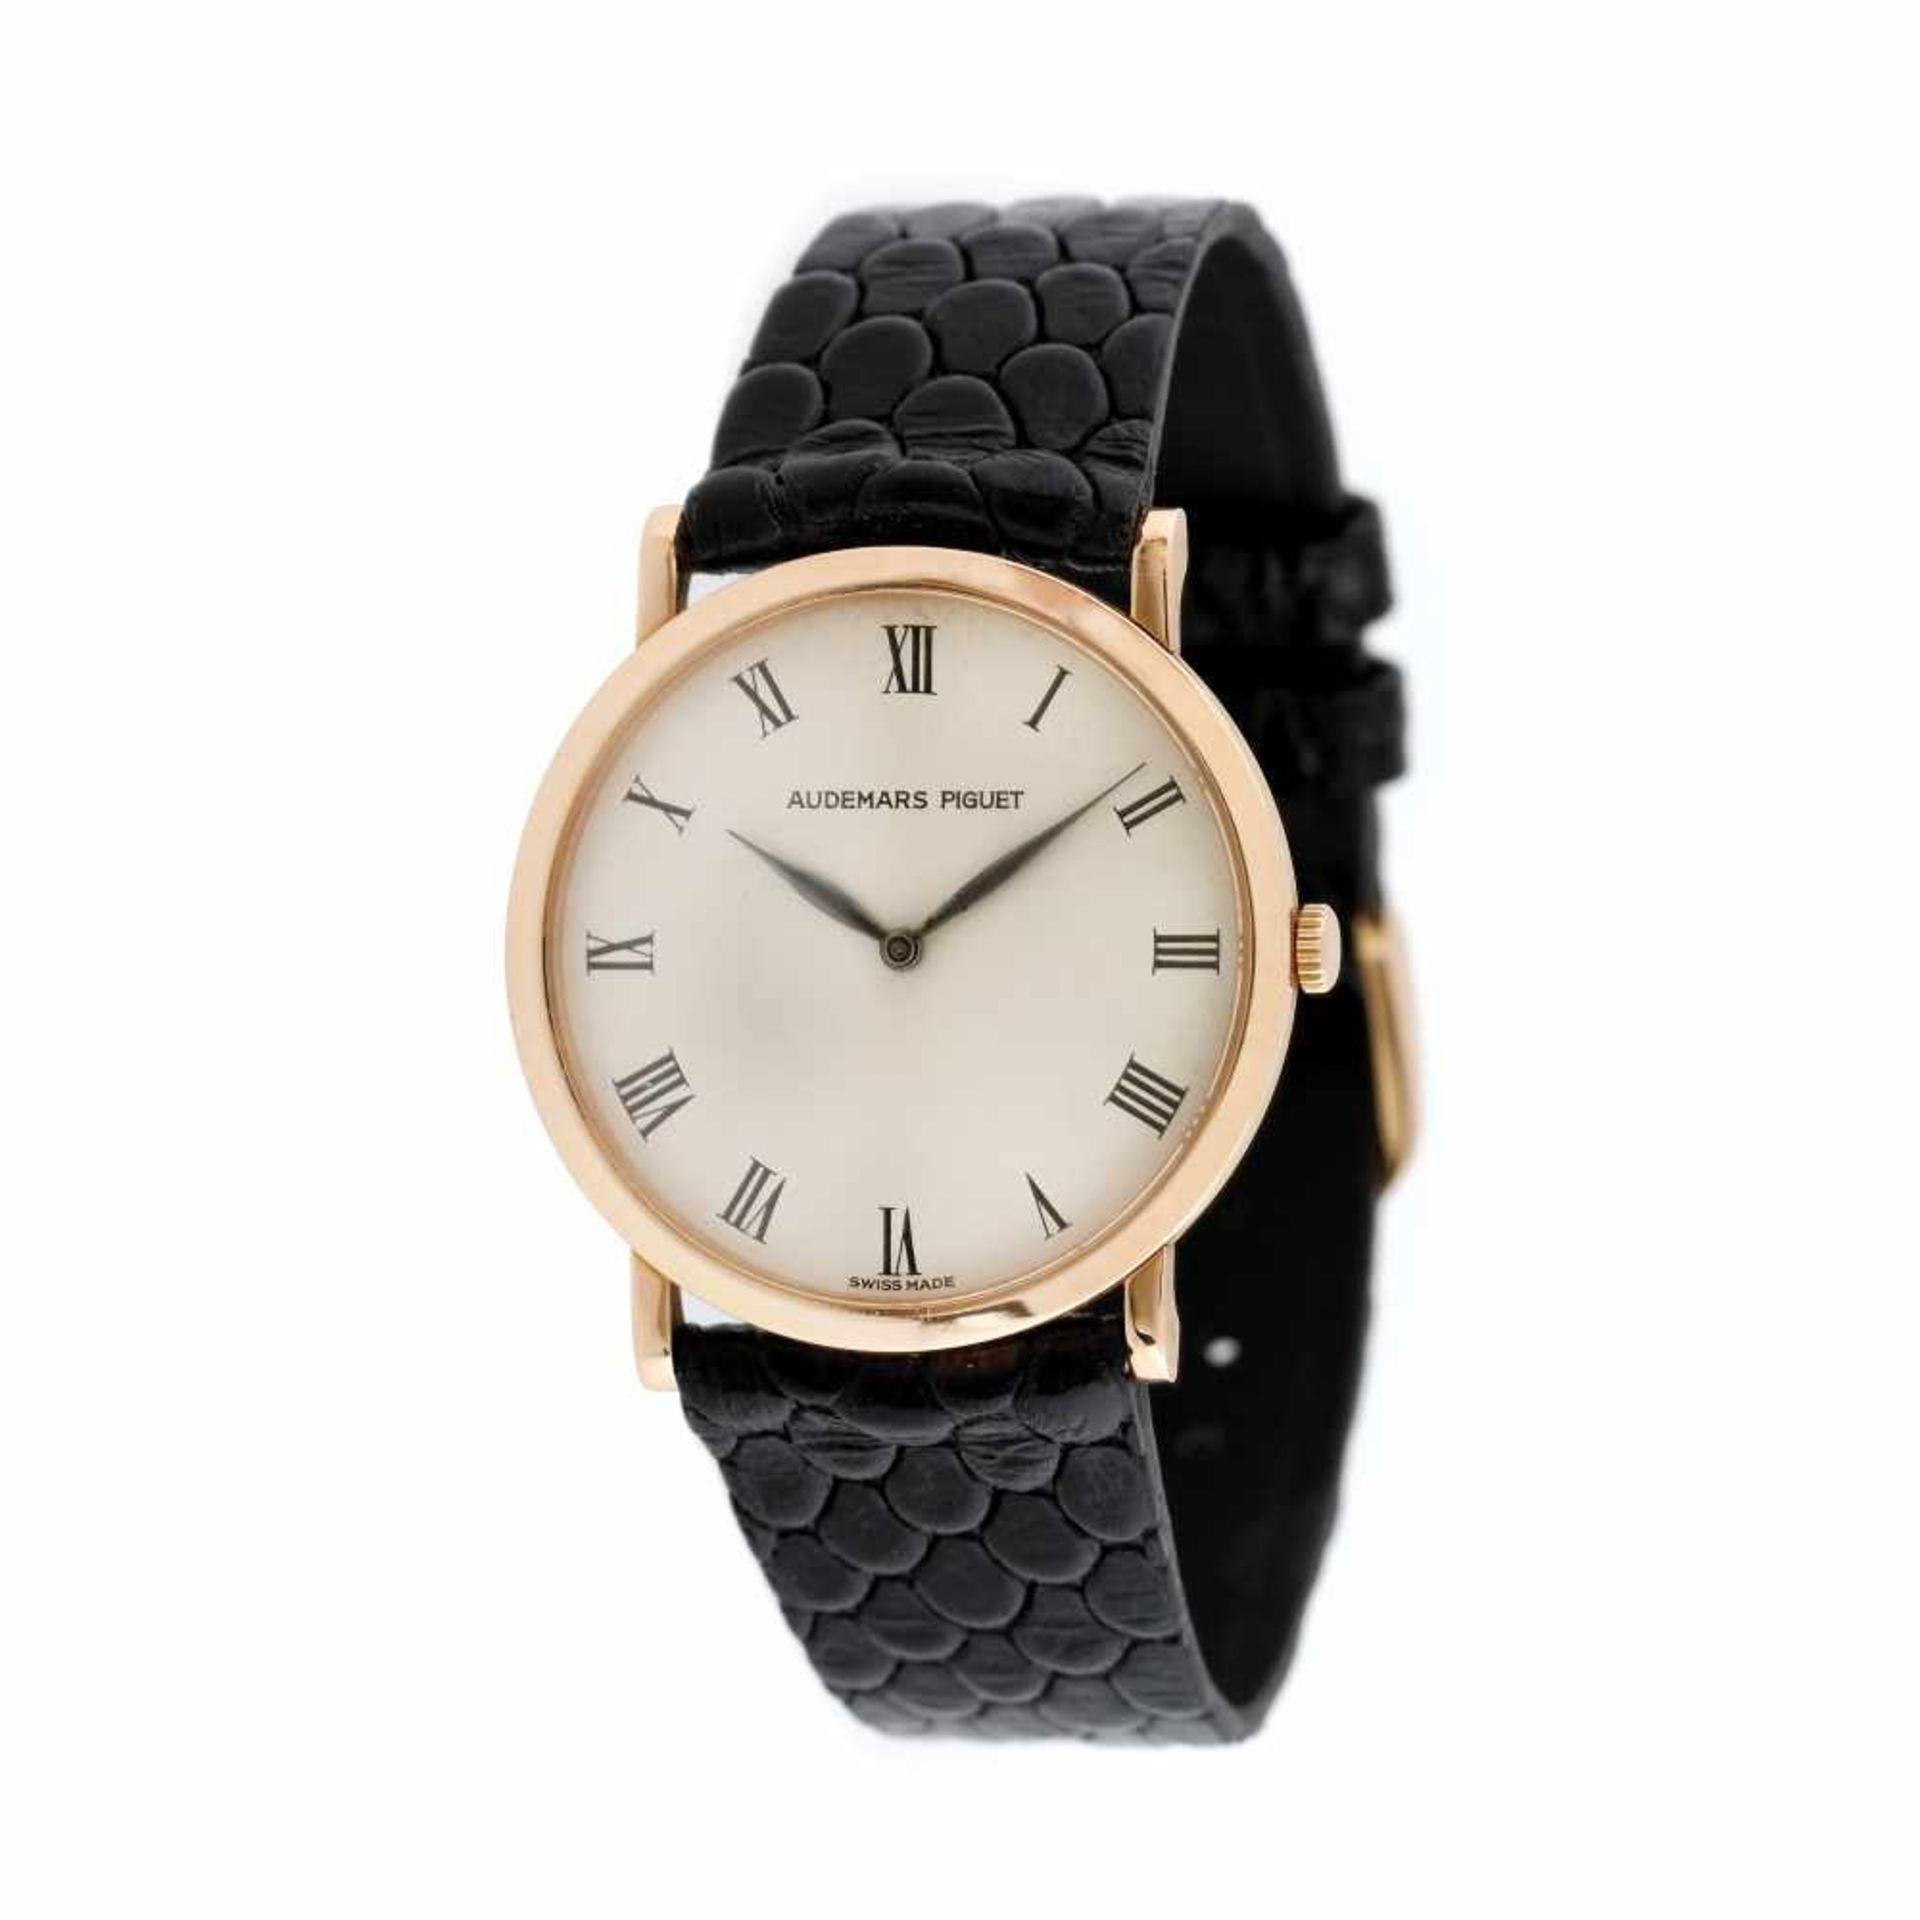 Audemars Piguet Classic Ultra Thin wristwatch, rose gold, unisex